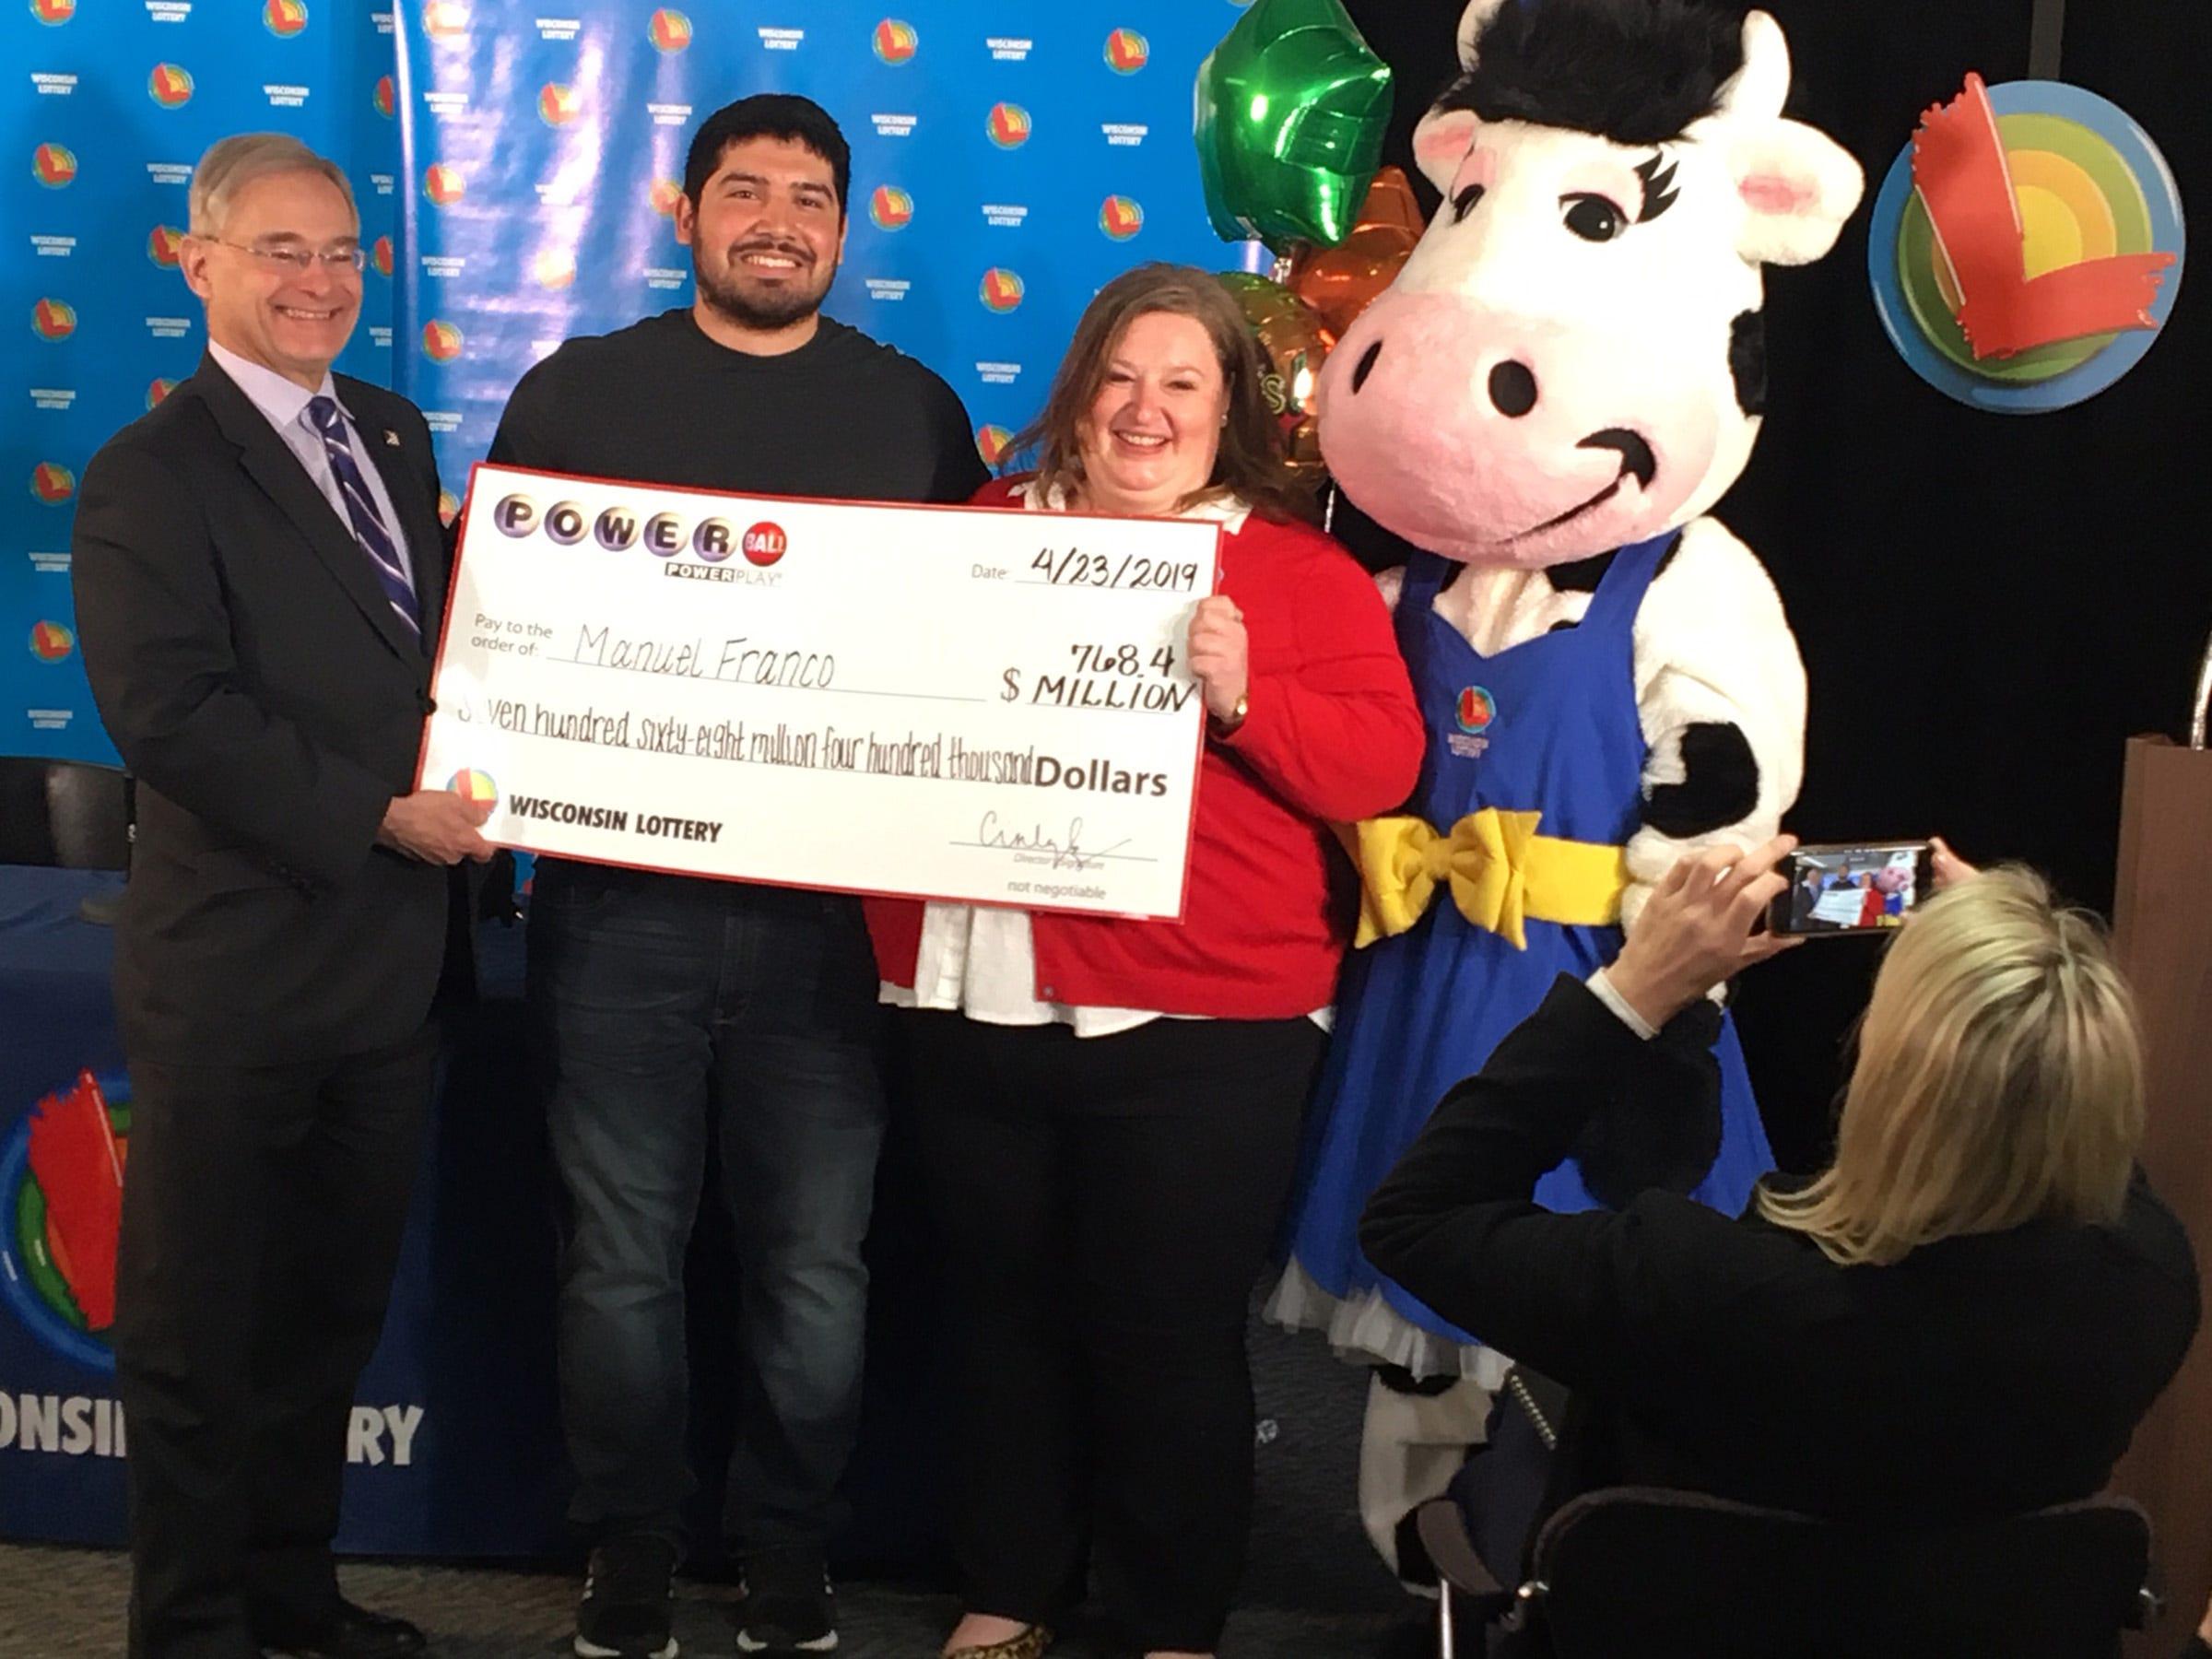 Milwaukee area man, 24, wins $768 million Powerball jackpot, 'felt lucky' buying ticket